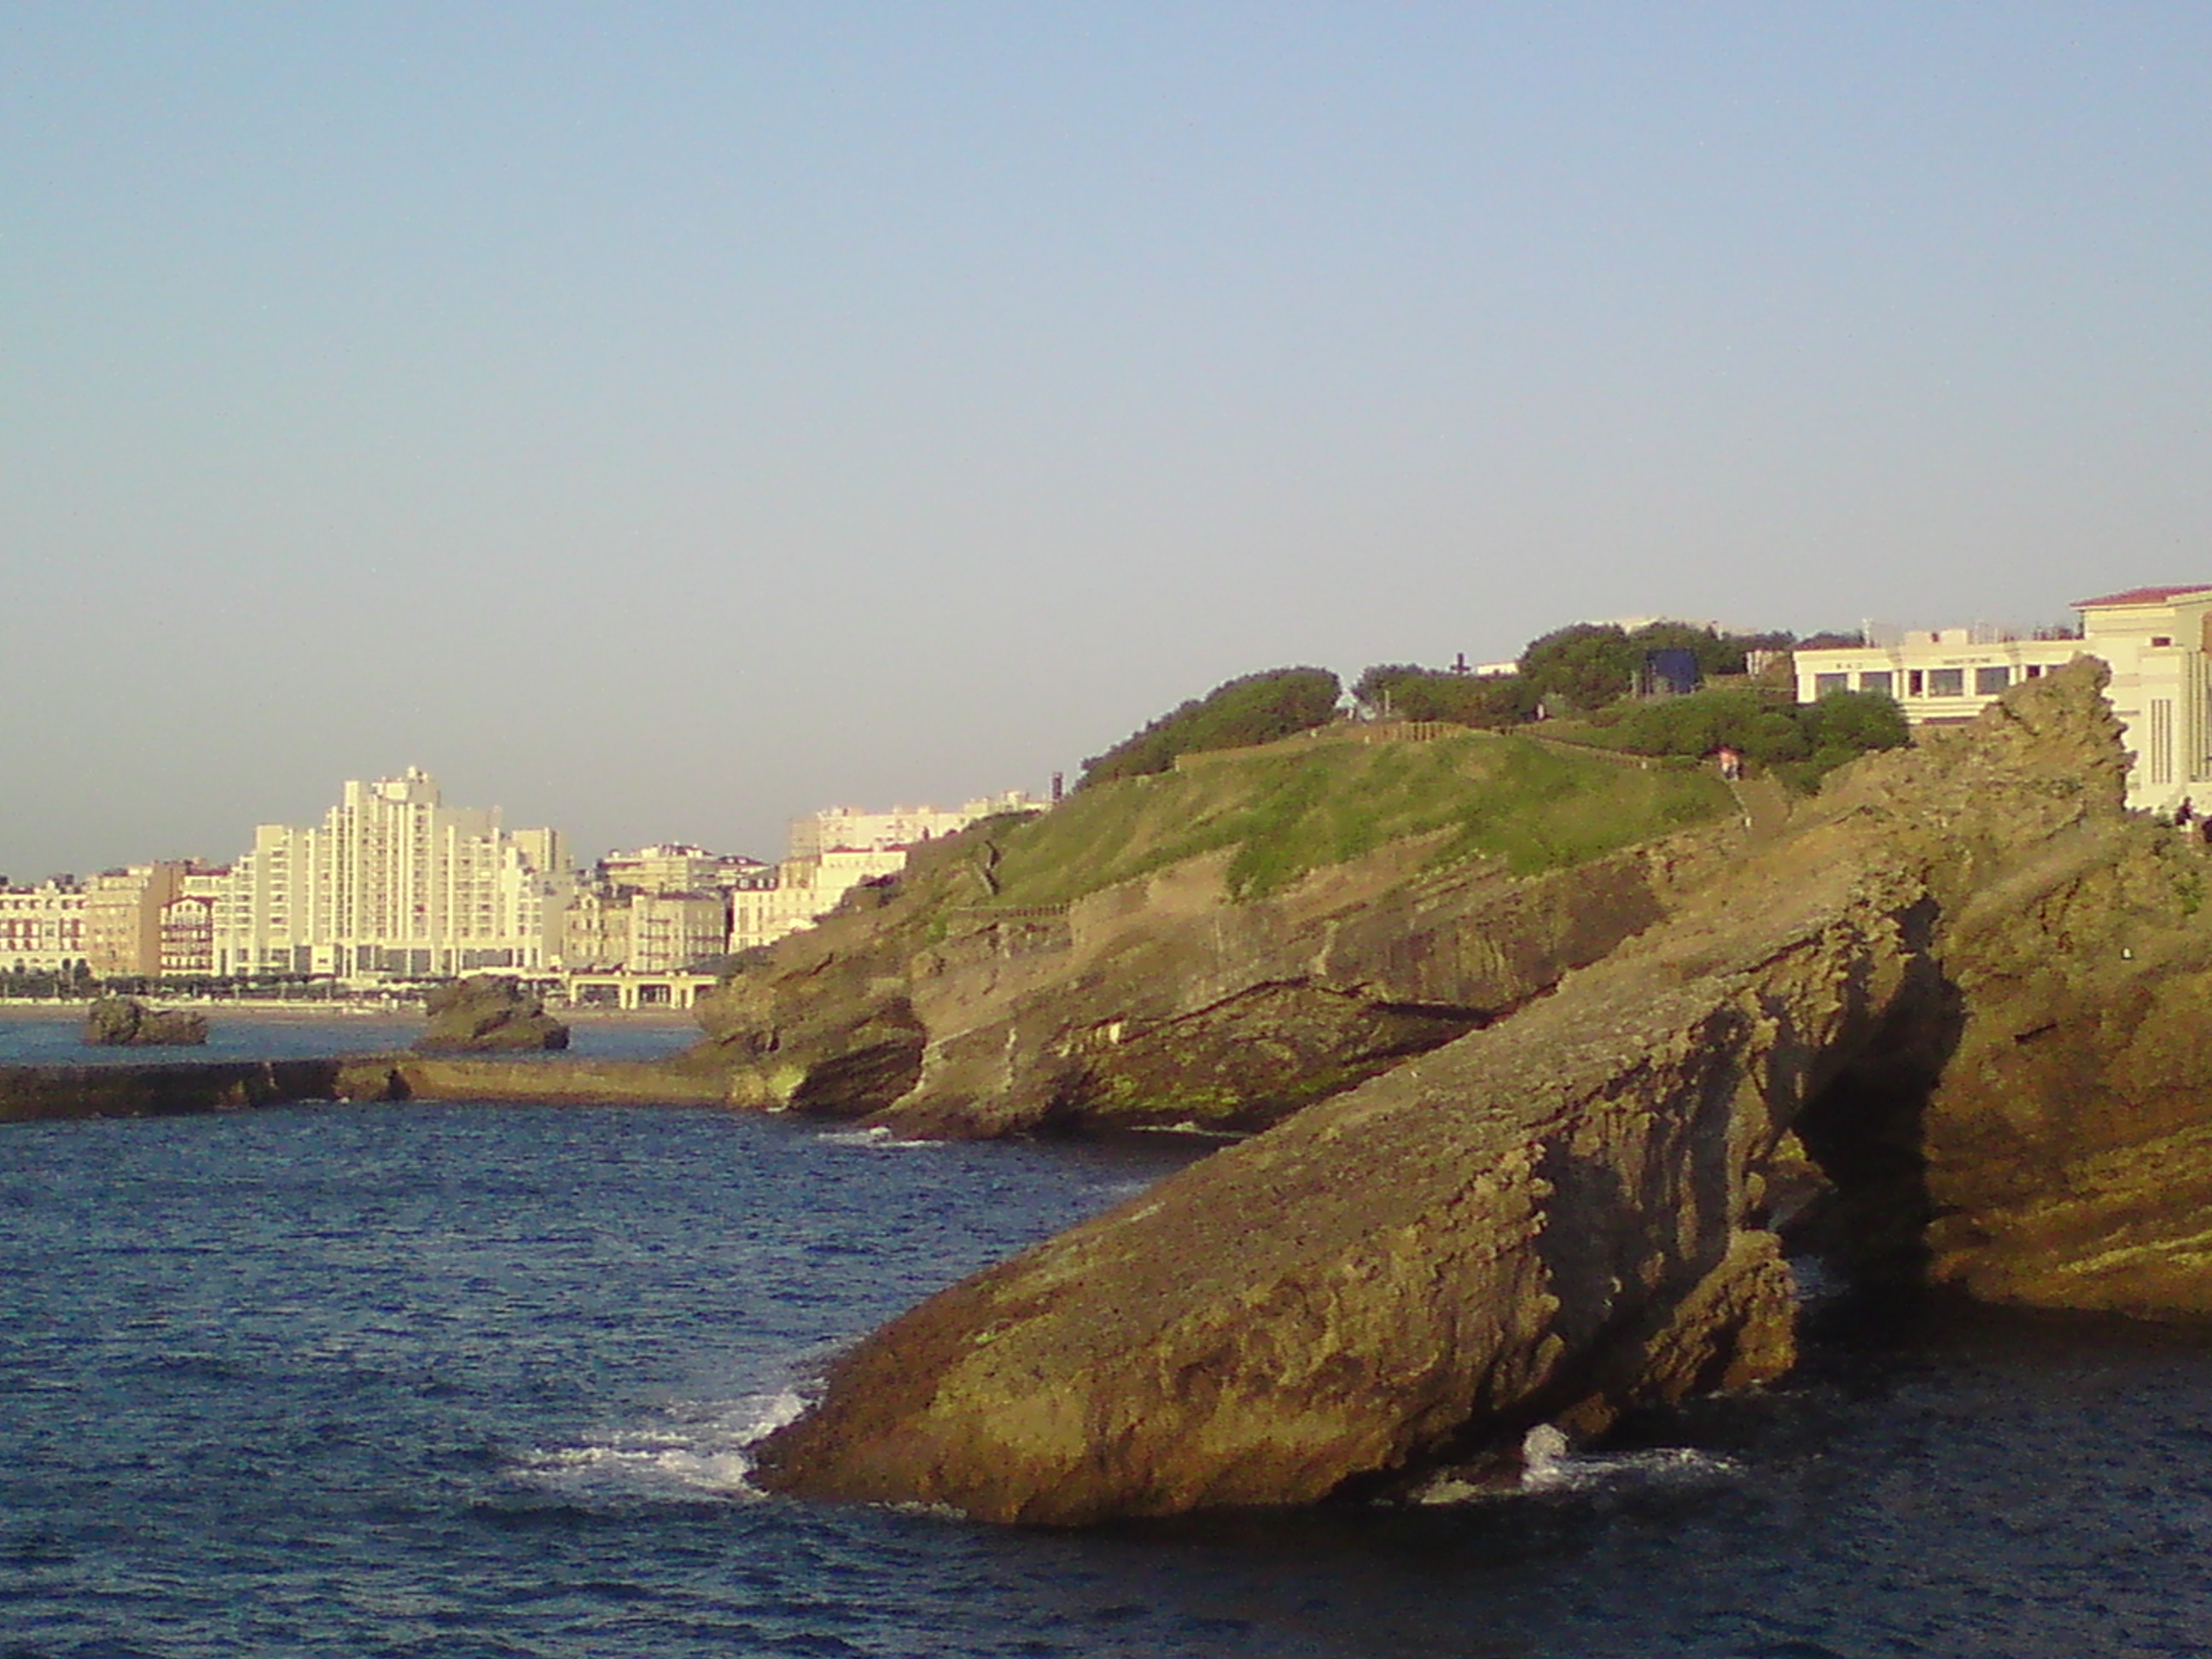 Biarritz dari balik batu karang pantai